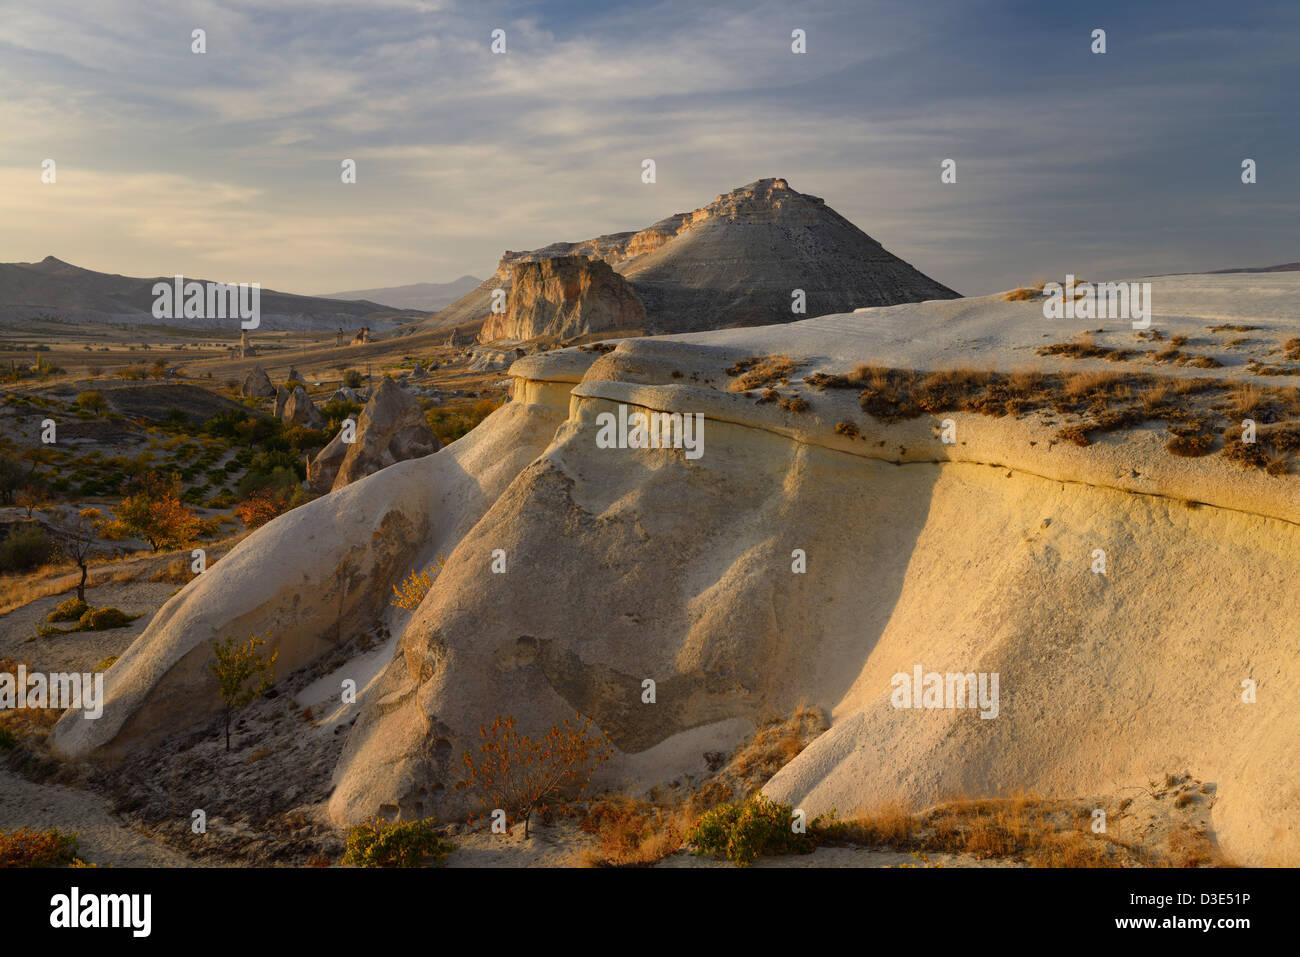 Eroded volcanic tuff at Pasabag Monks Valley at sunset Generals Vineyard Cappadocia Goreme Nevsehir Turkey - Stock Image